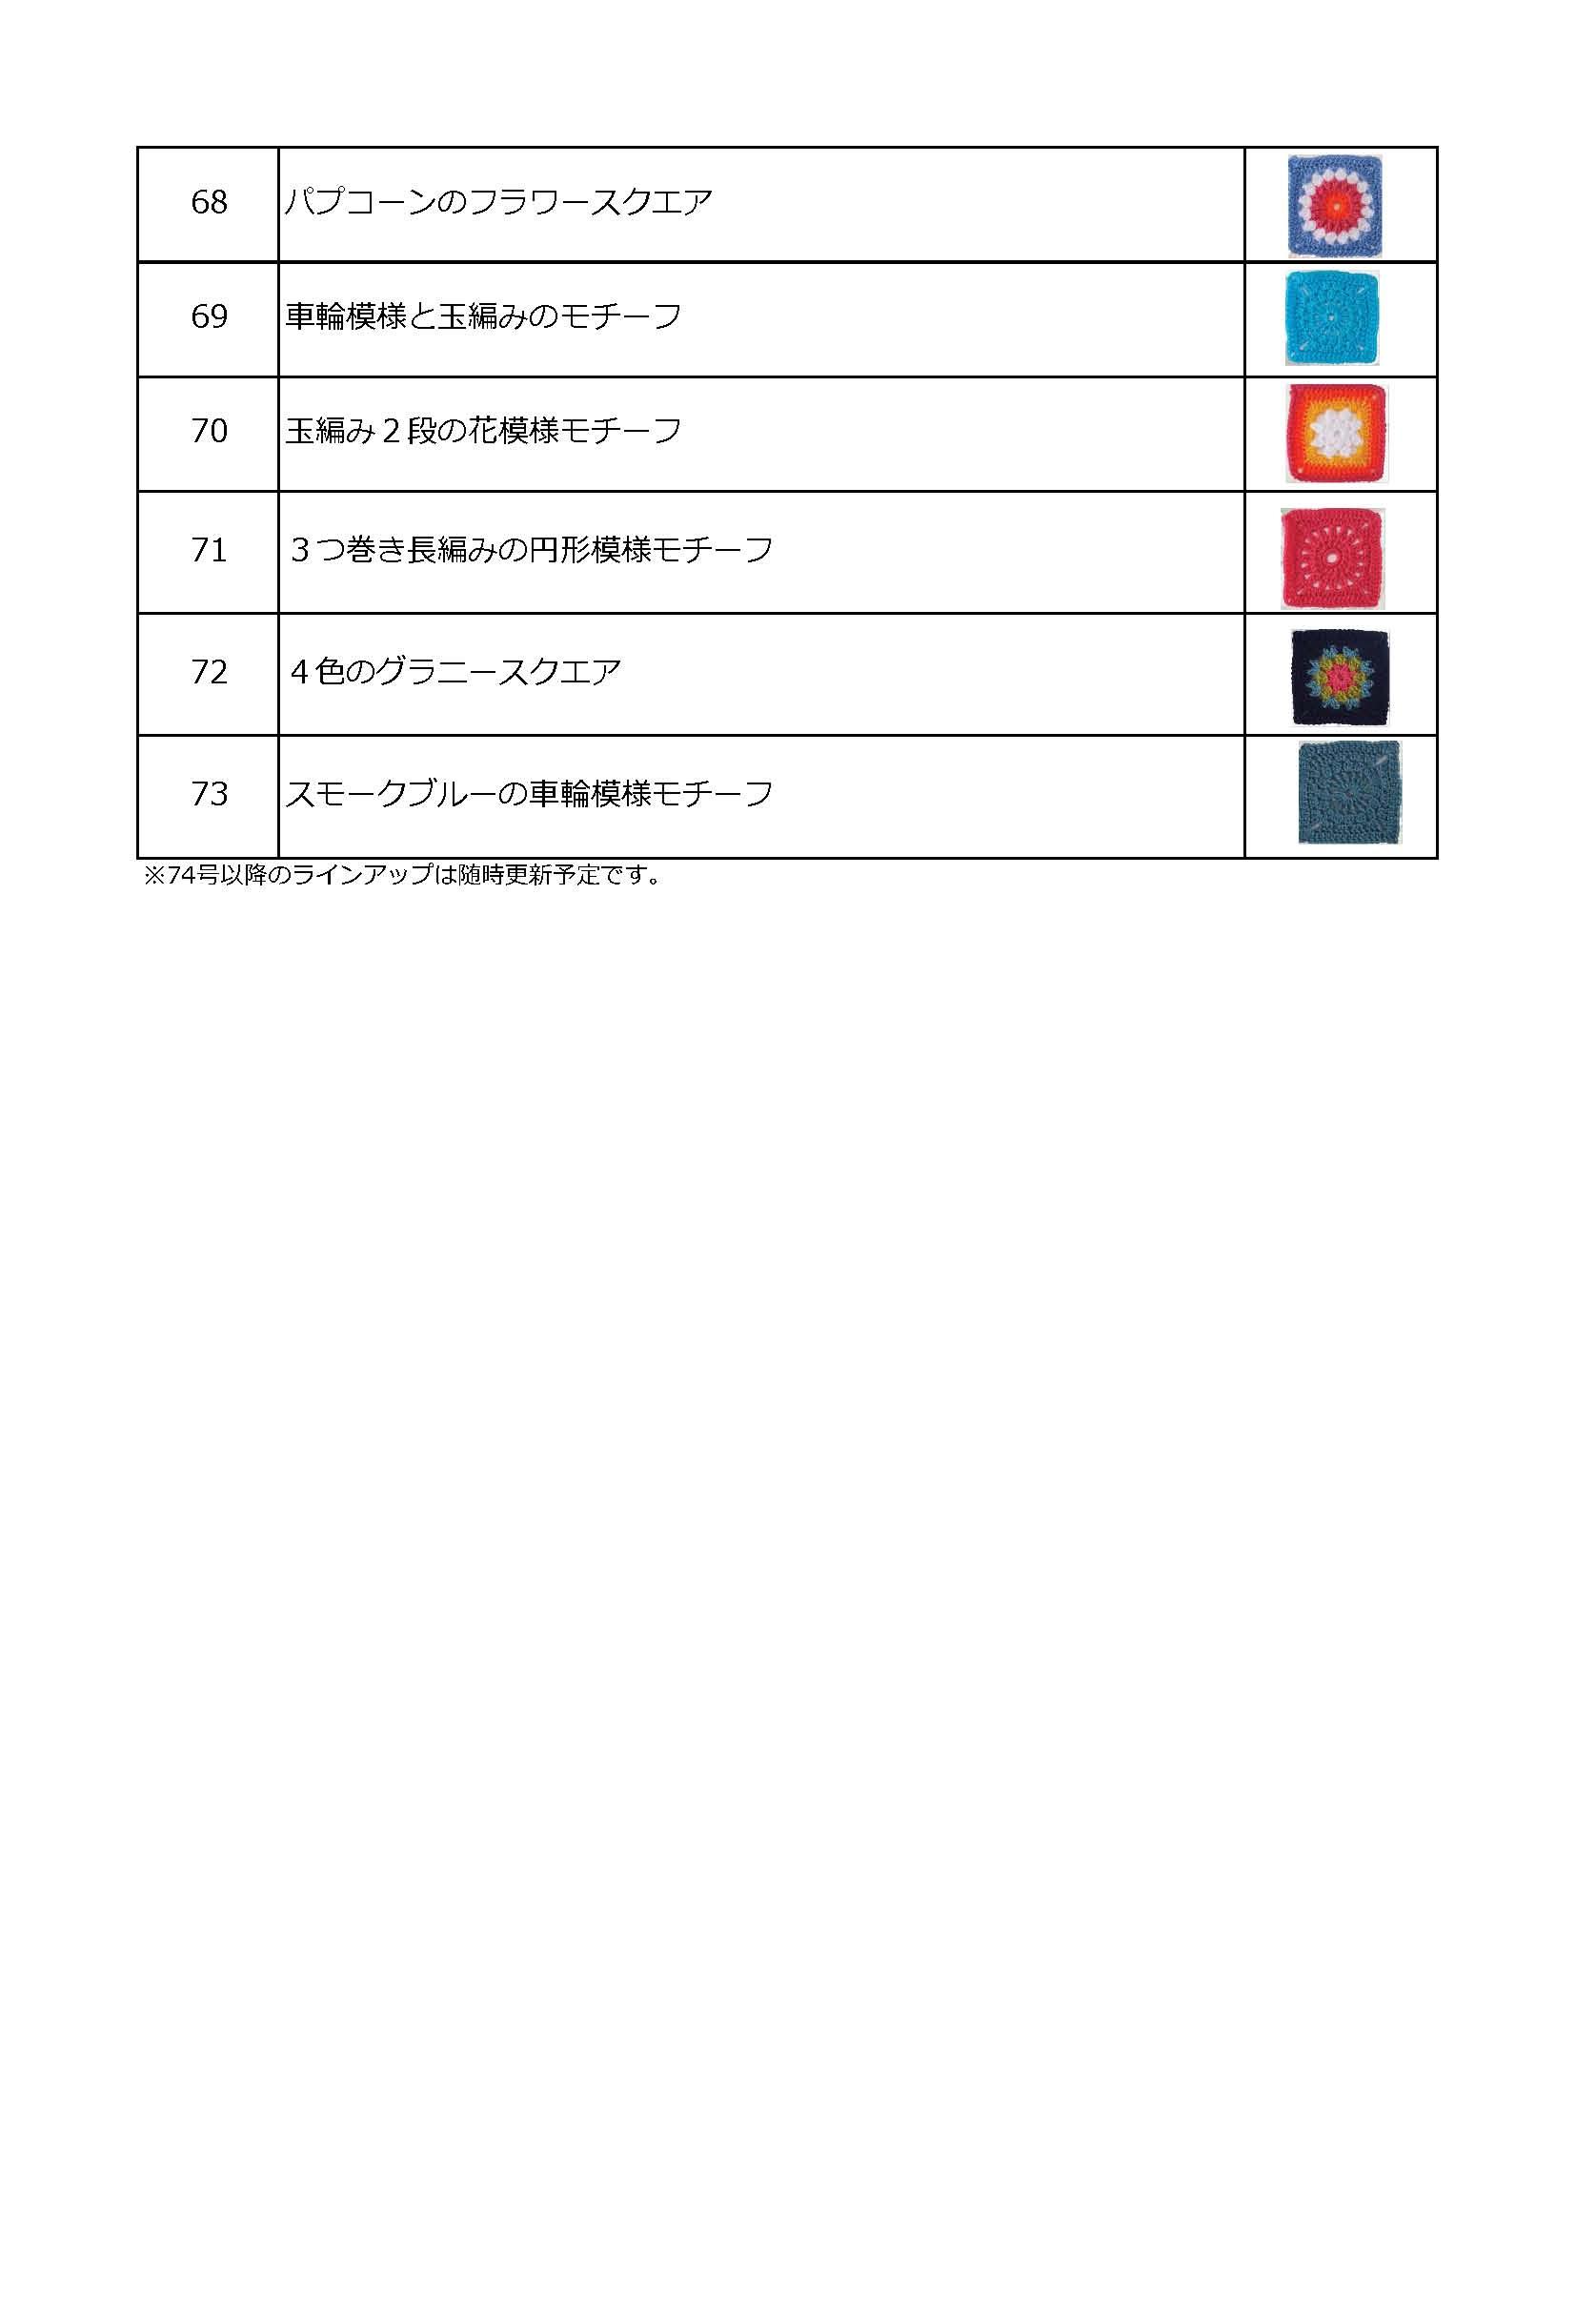 かぎ針編みラインアップ_ページ_5.jpg